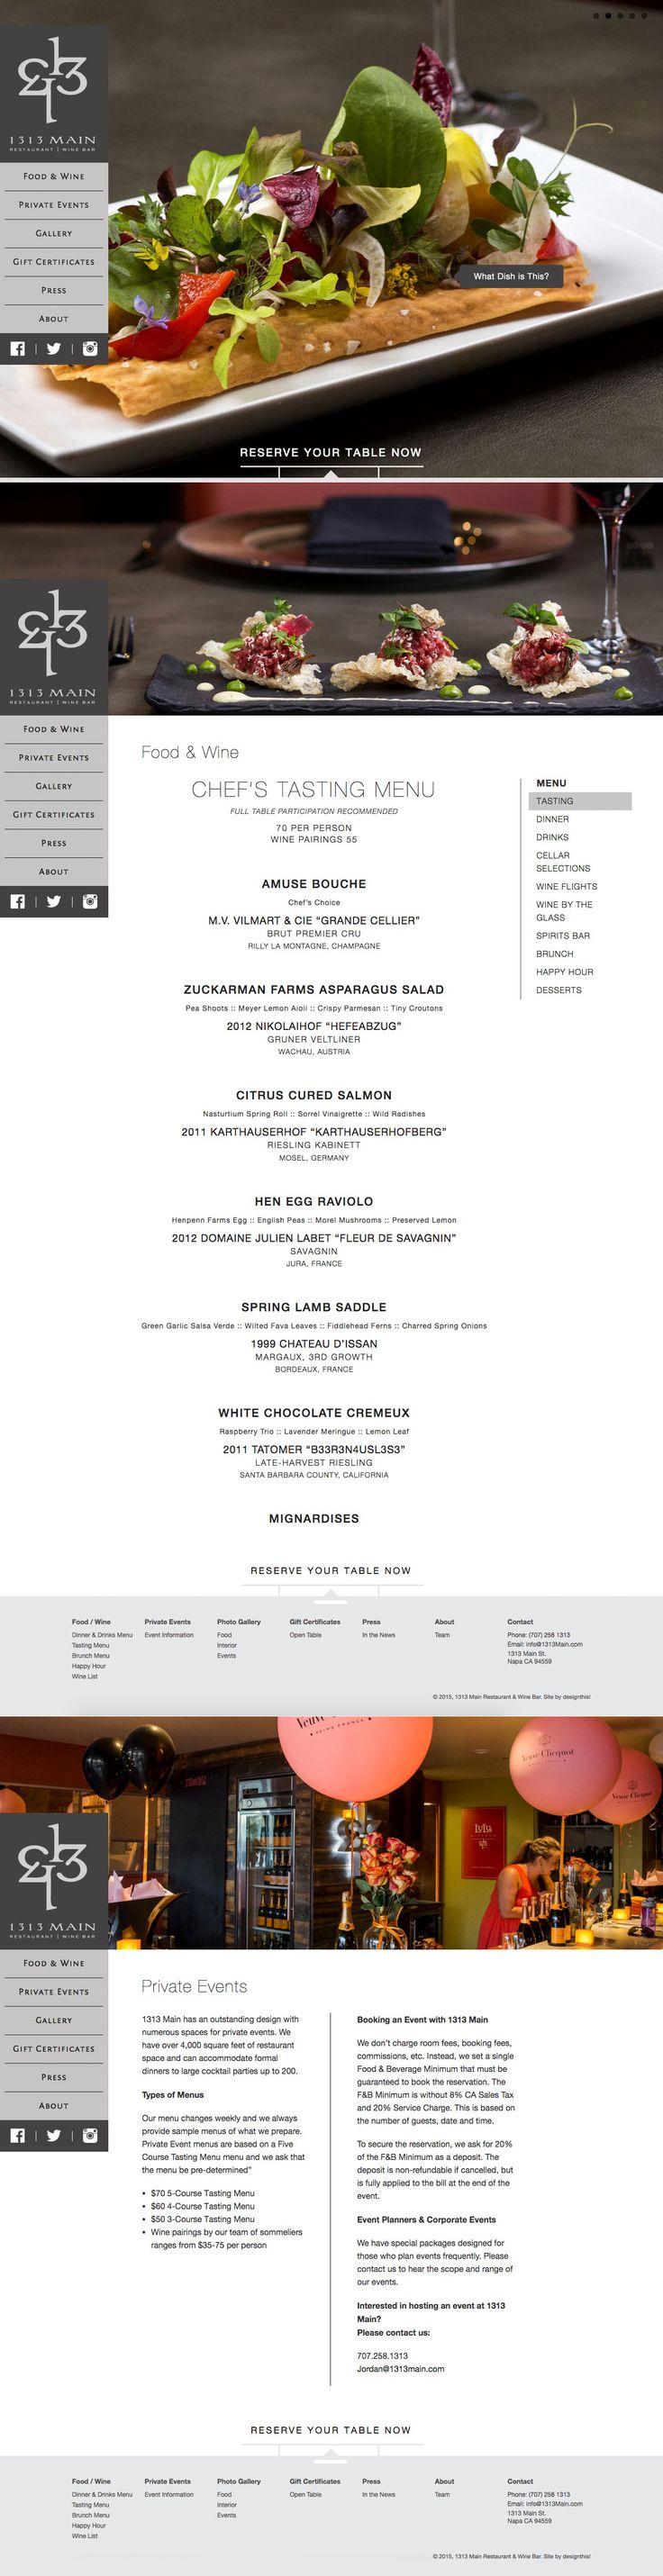 1313 Main Restaurant & Wine Bar   Website   by designthis!